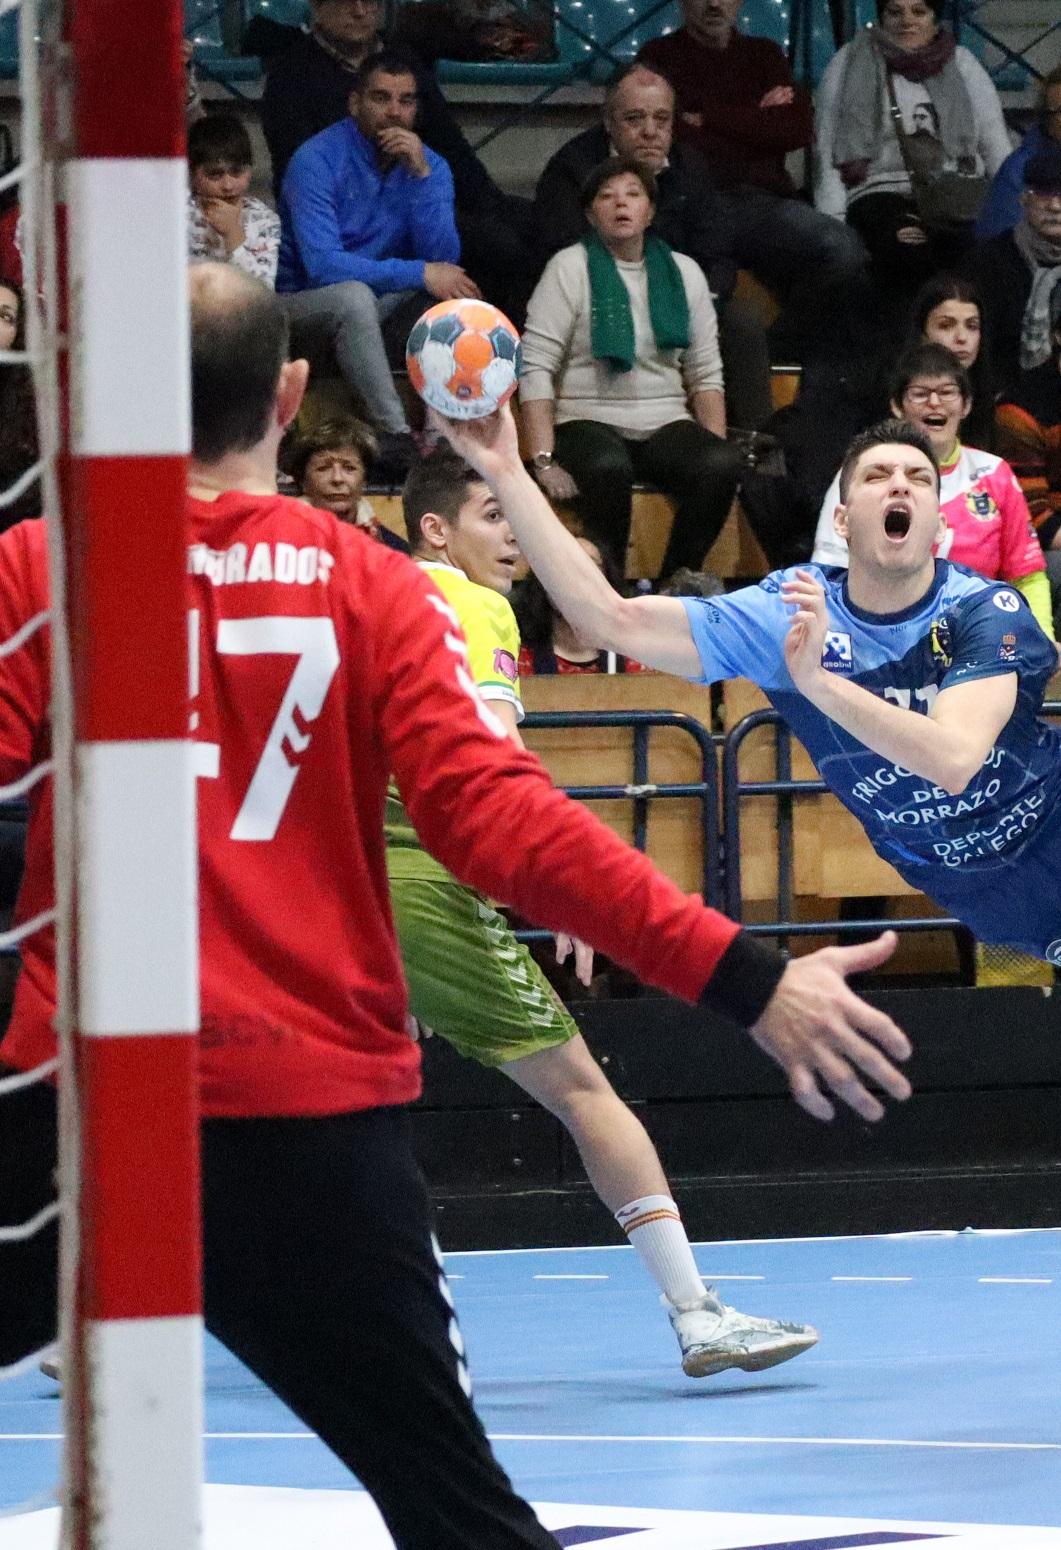 Gutscheinvorlage für Handballspiele